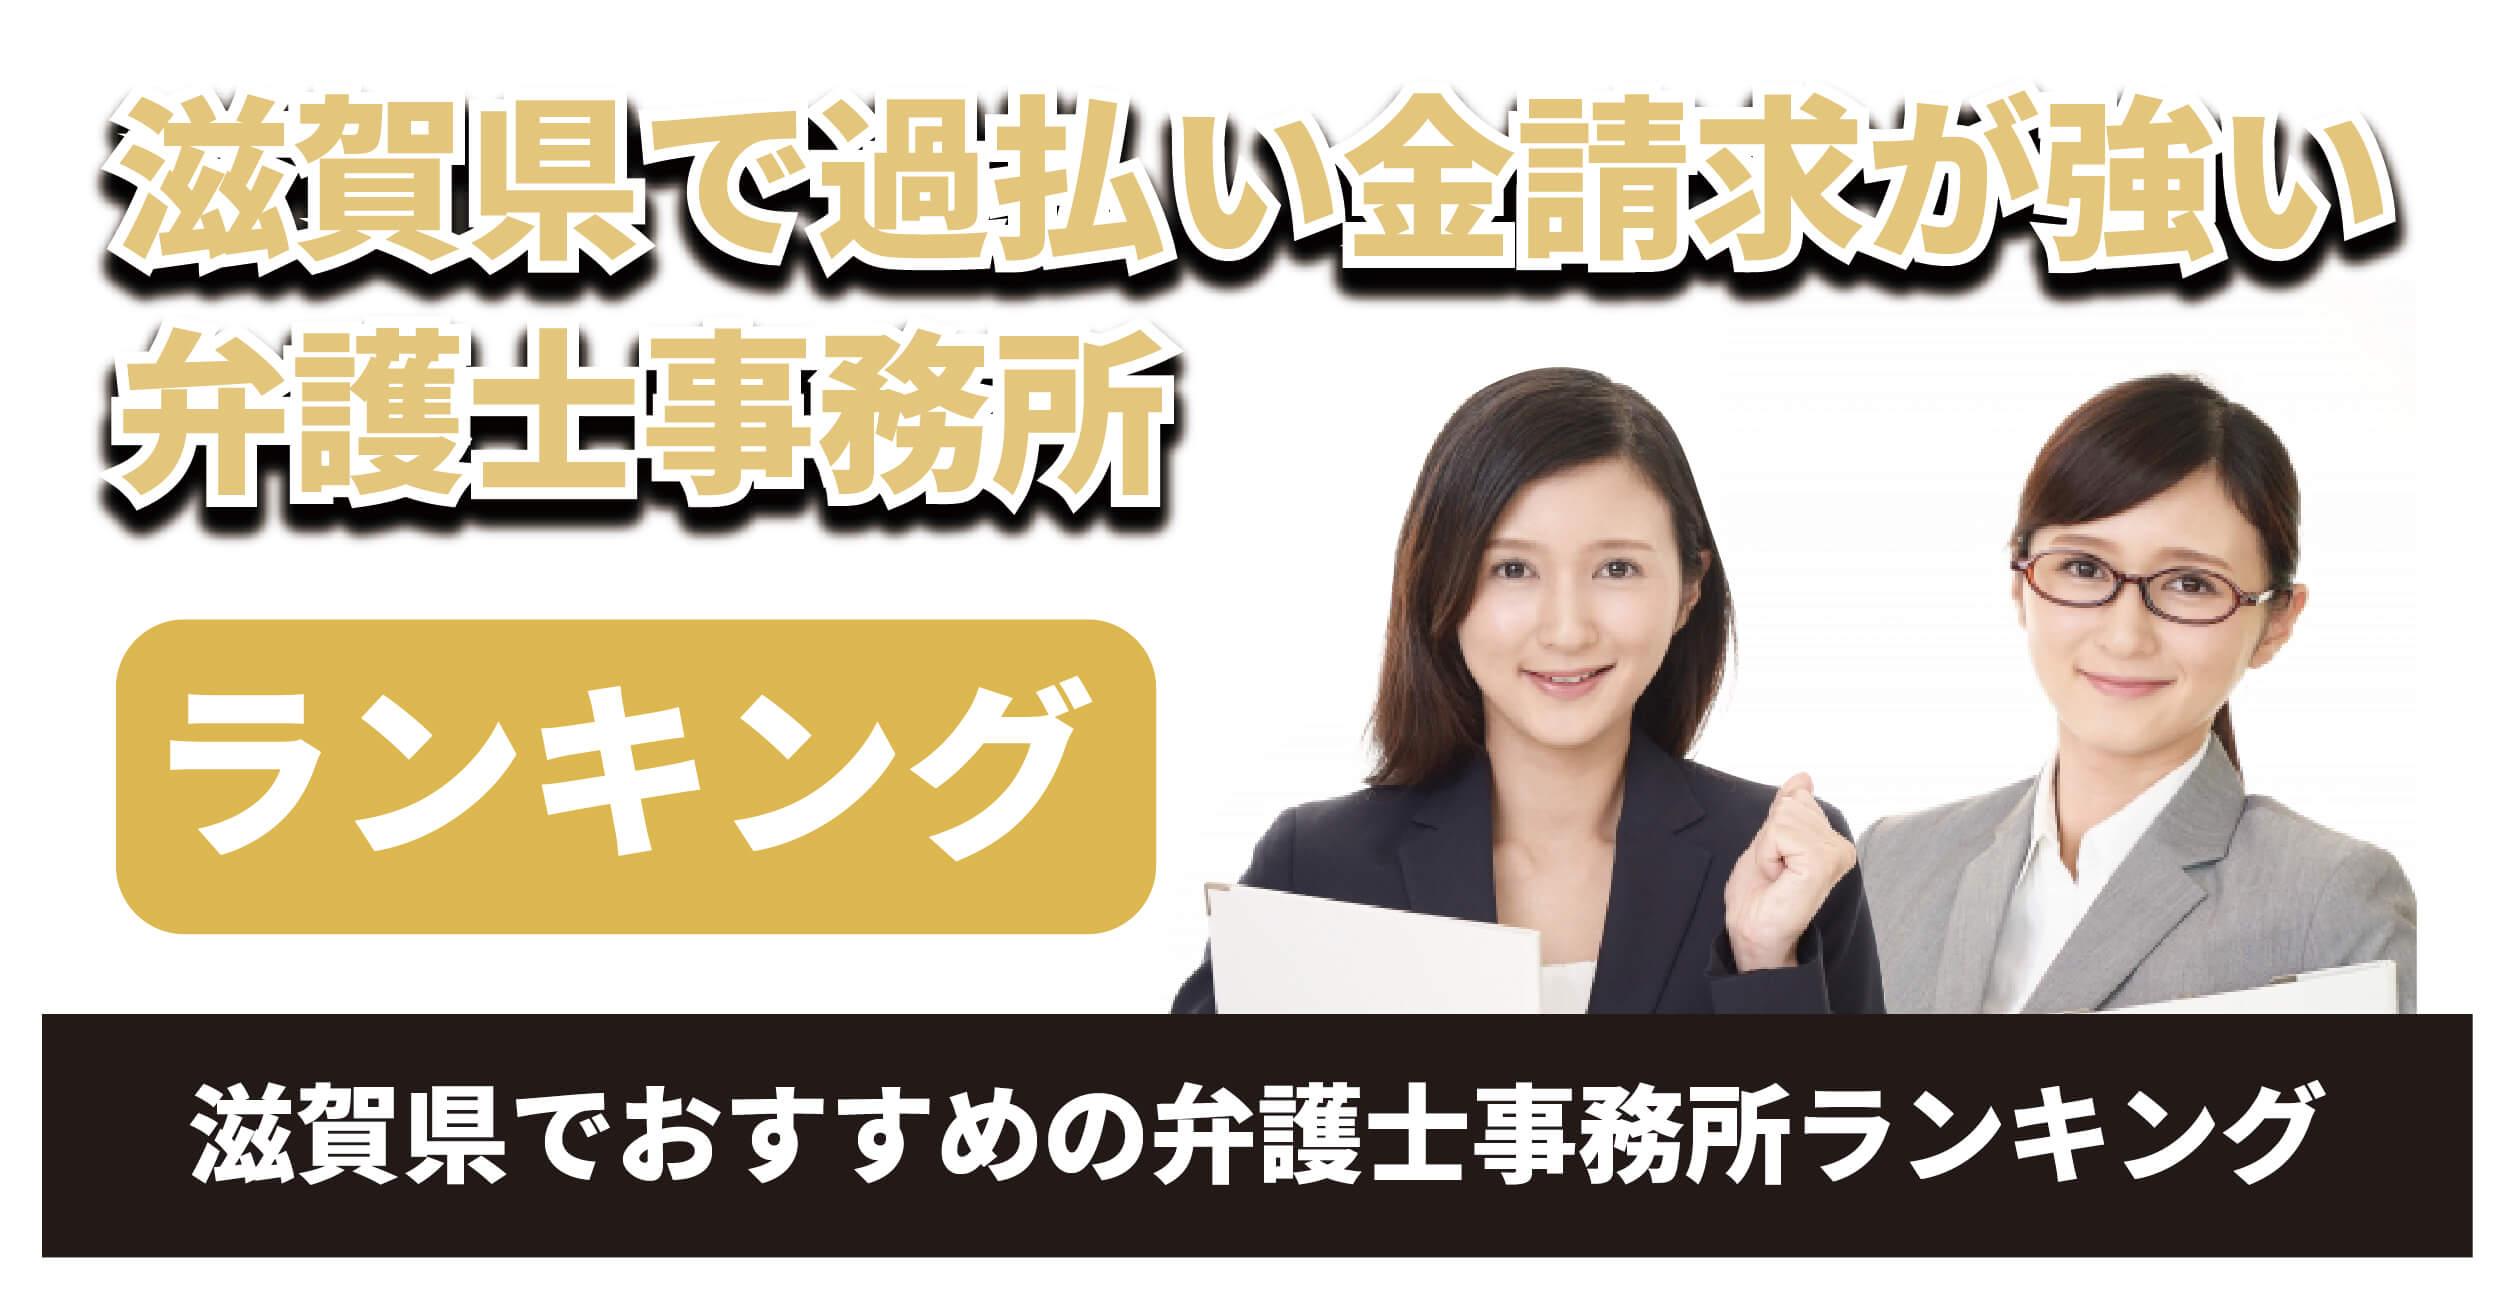 滋賀県で過払い金請求が強い弁護士は?